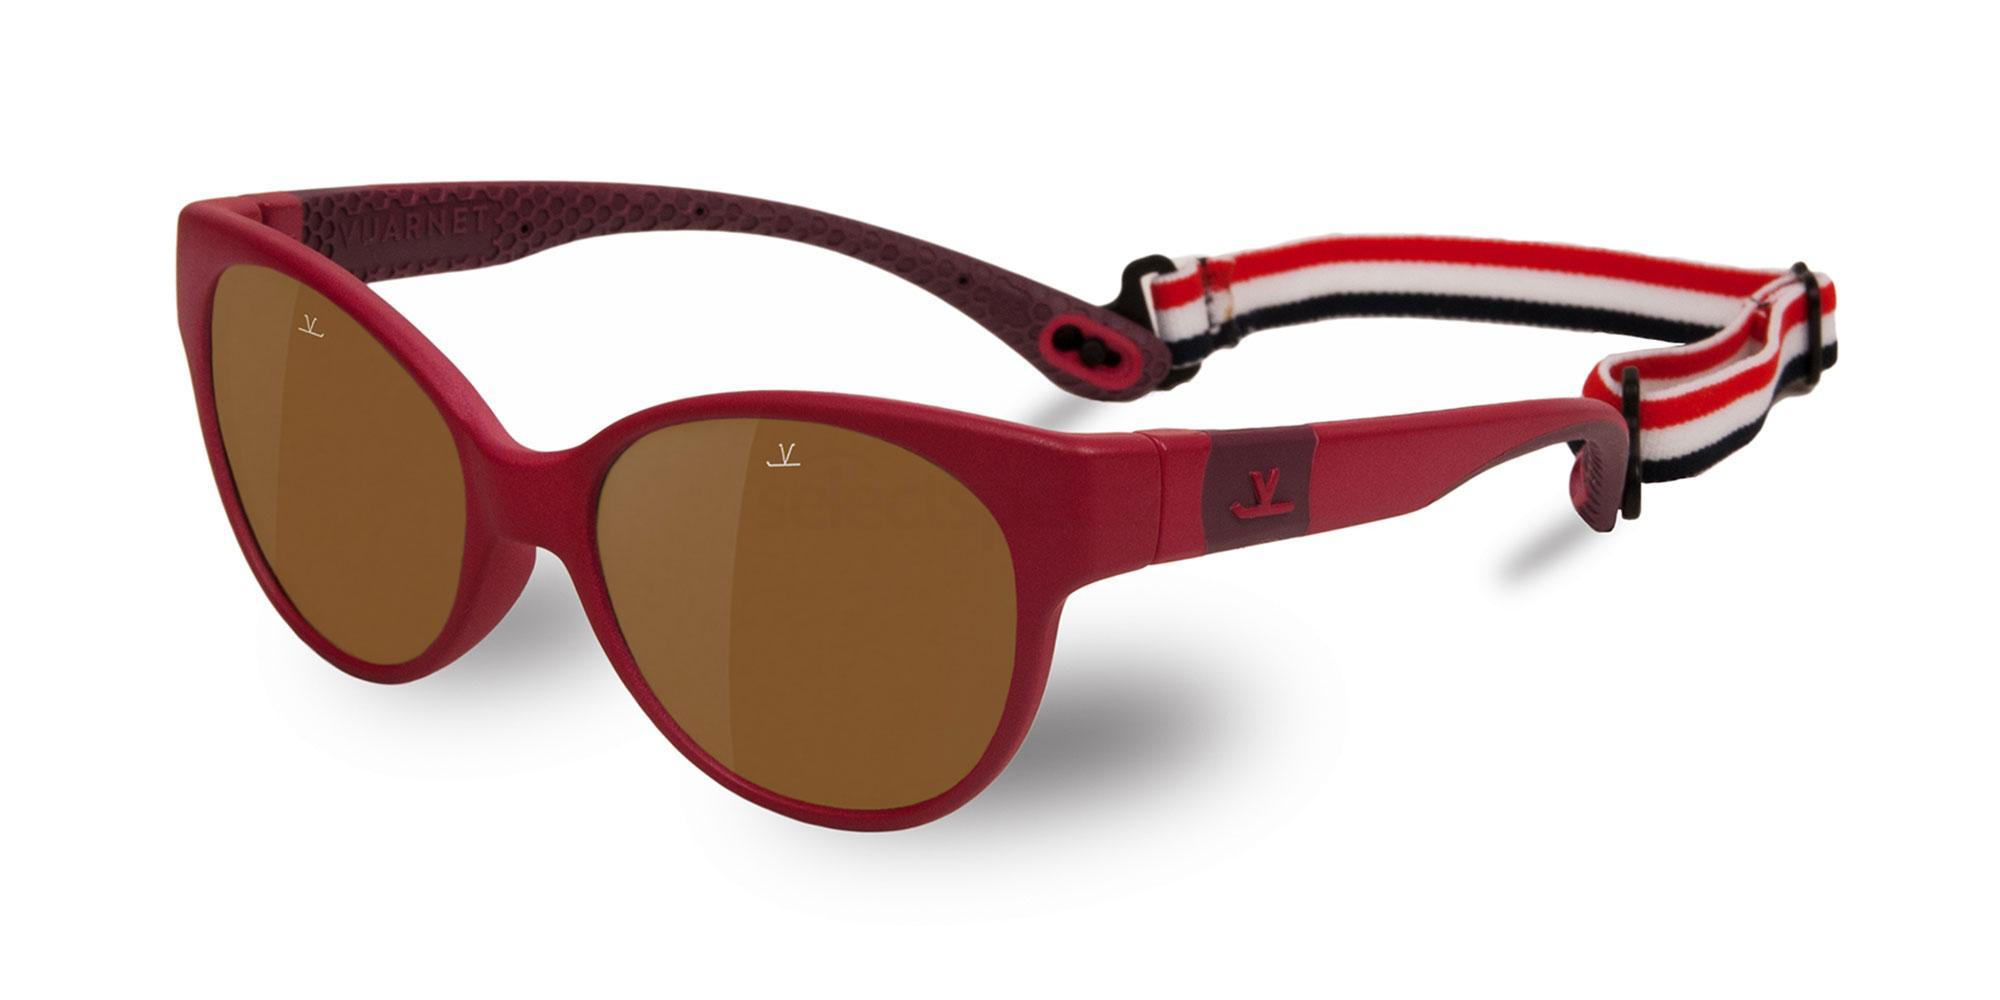 VL170400012221 VL1704 (3-6 yesrs) Sunglasses, Vuarnet KIDS